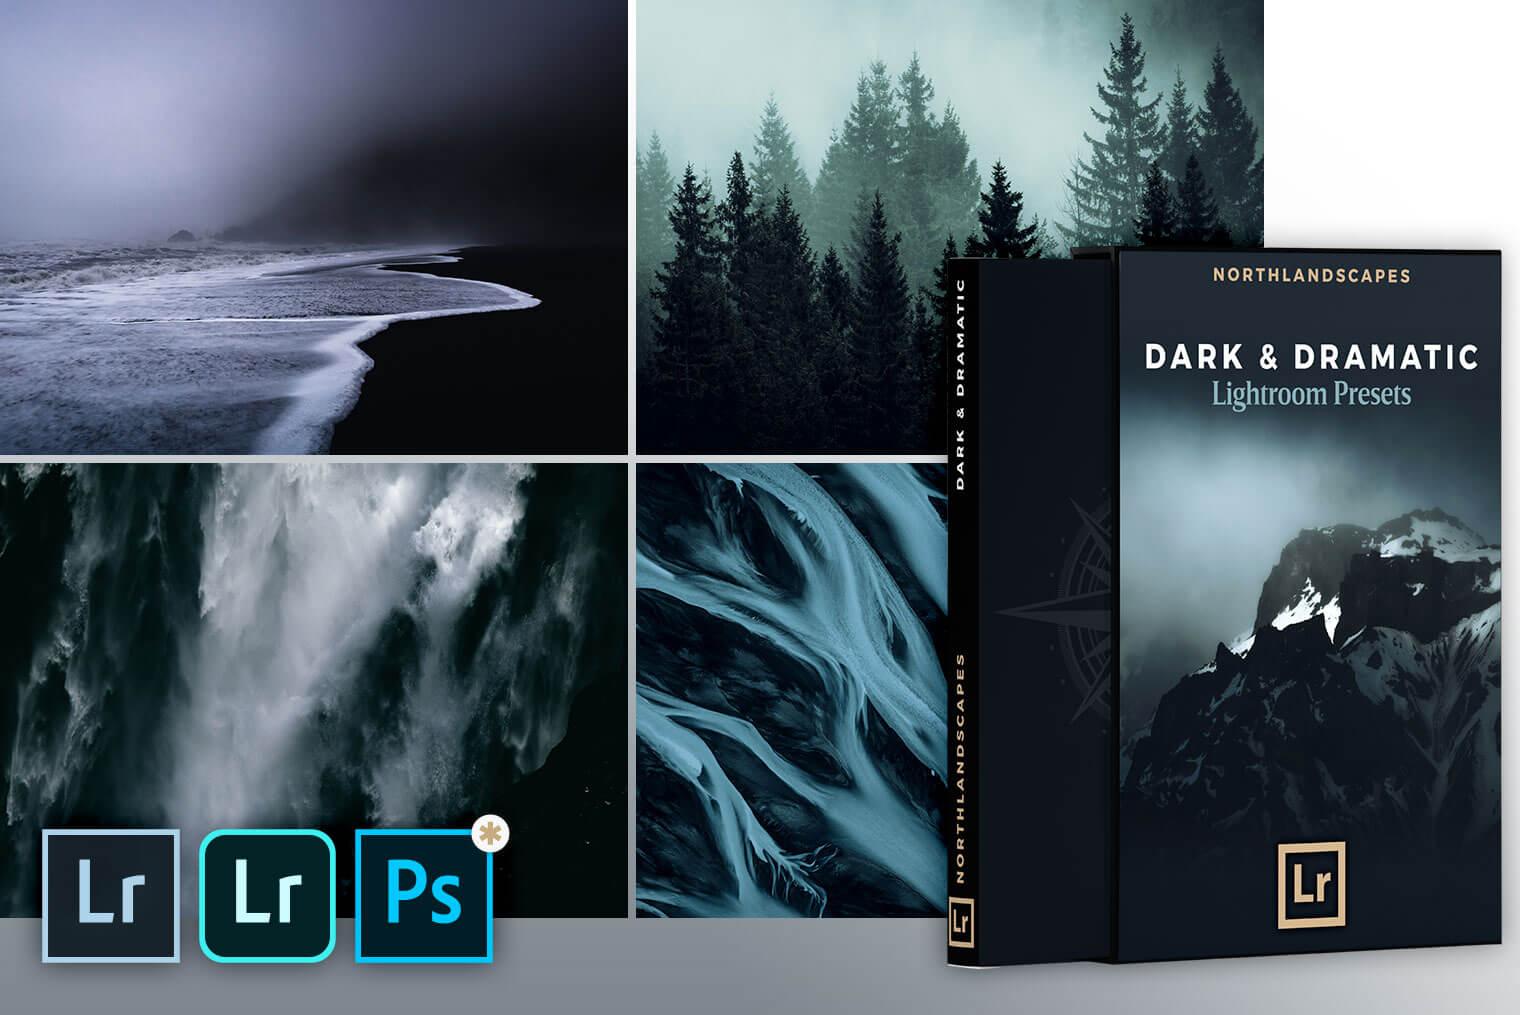 Dark & Dramatic Lightroom Presets | Desktop & Mobile (DNG)